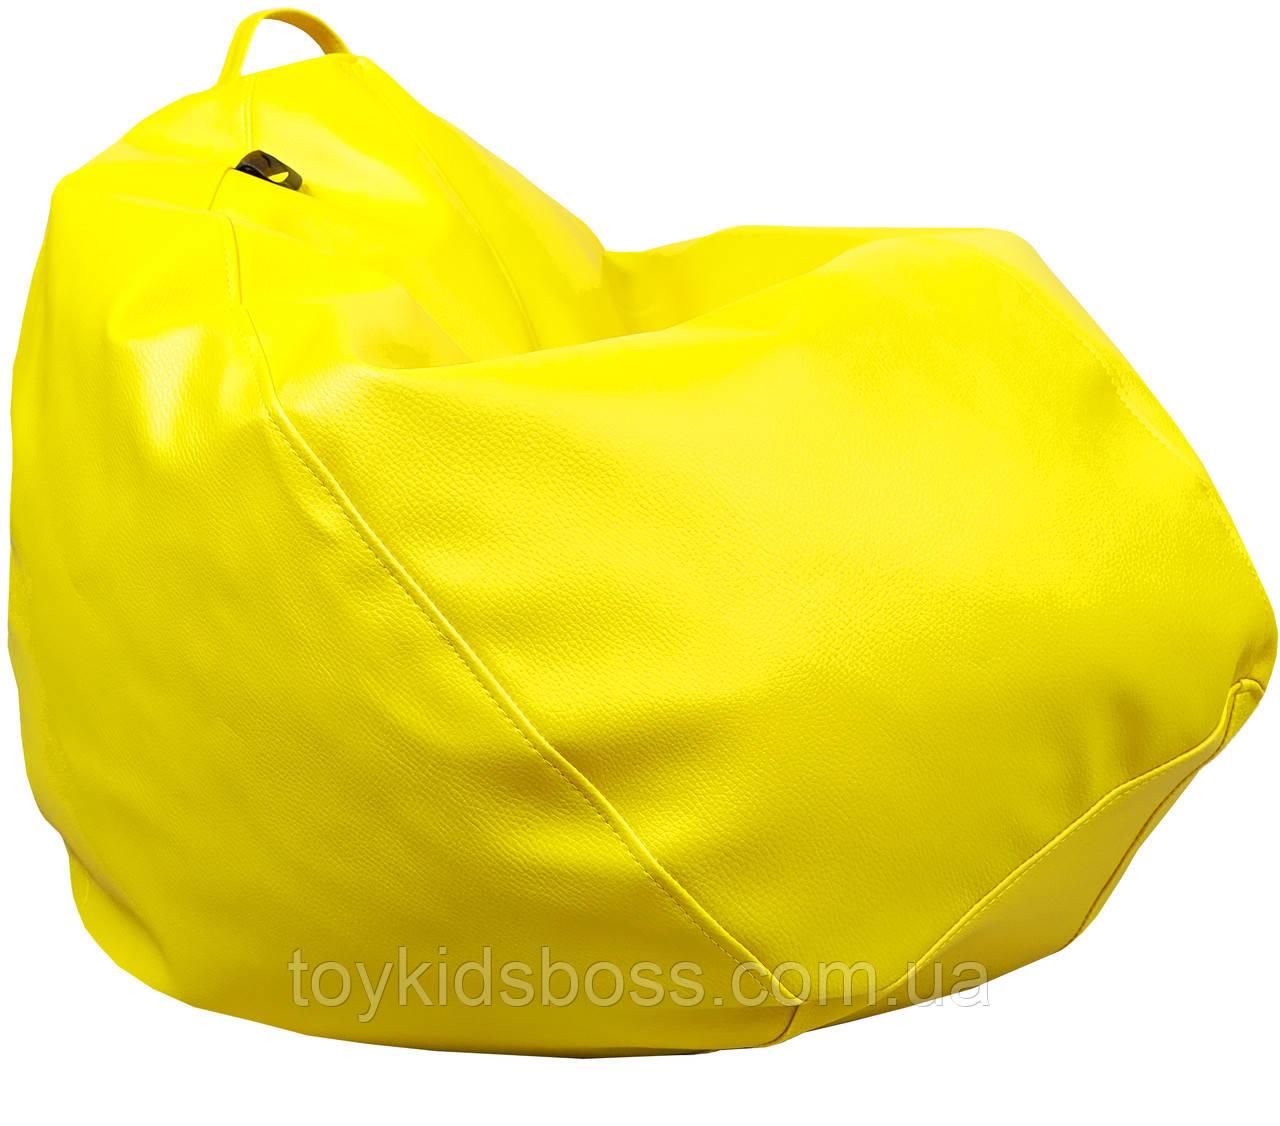 Кресло груша Практик  Желтый